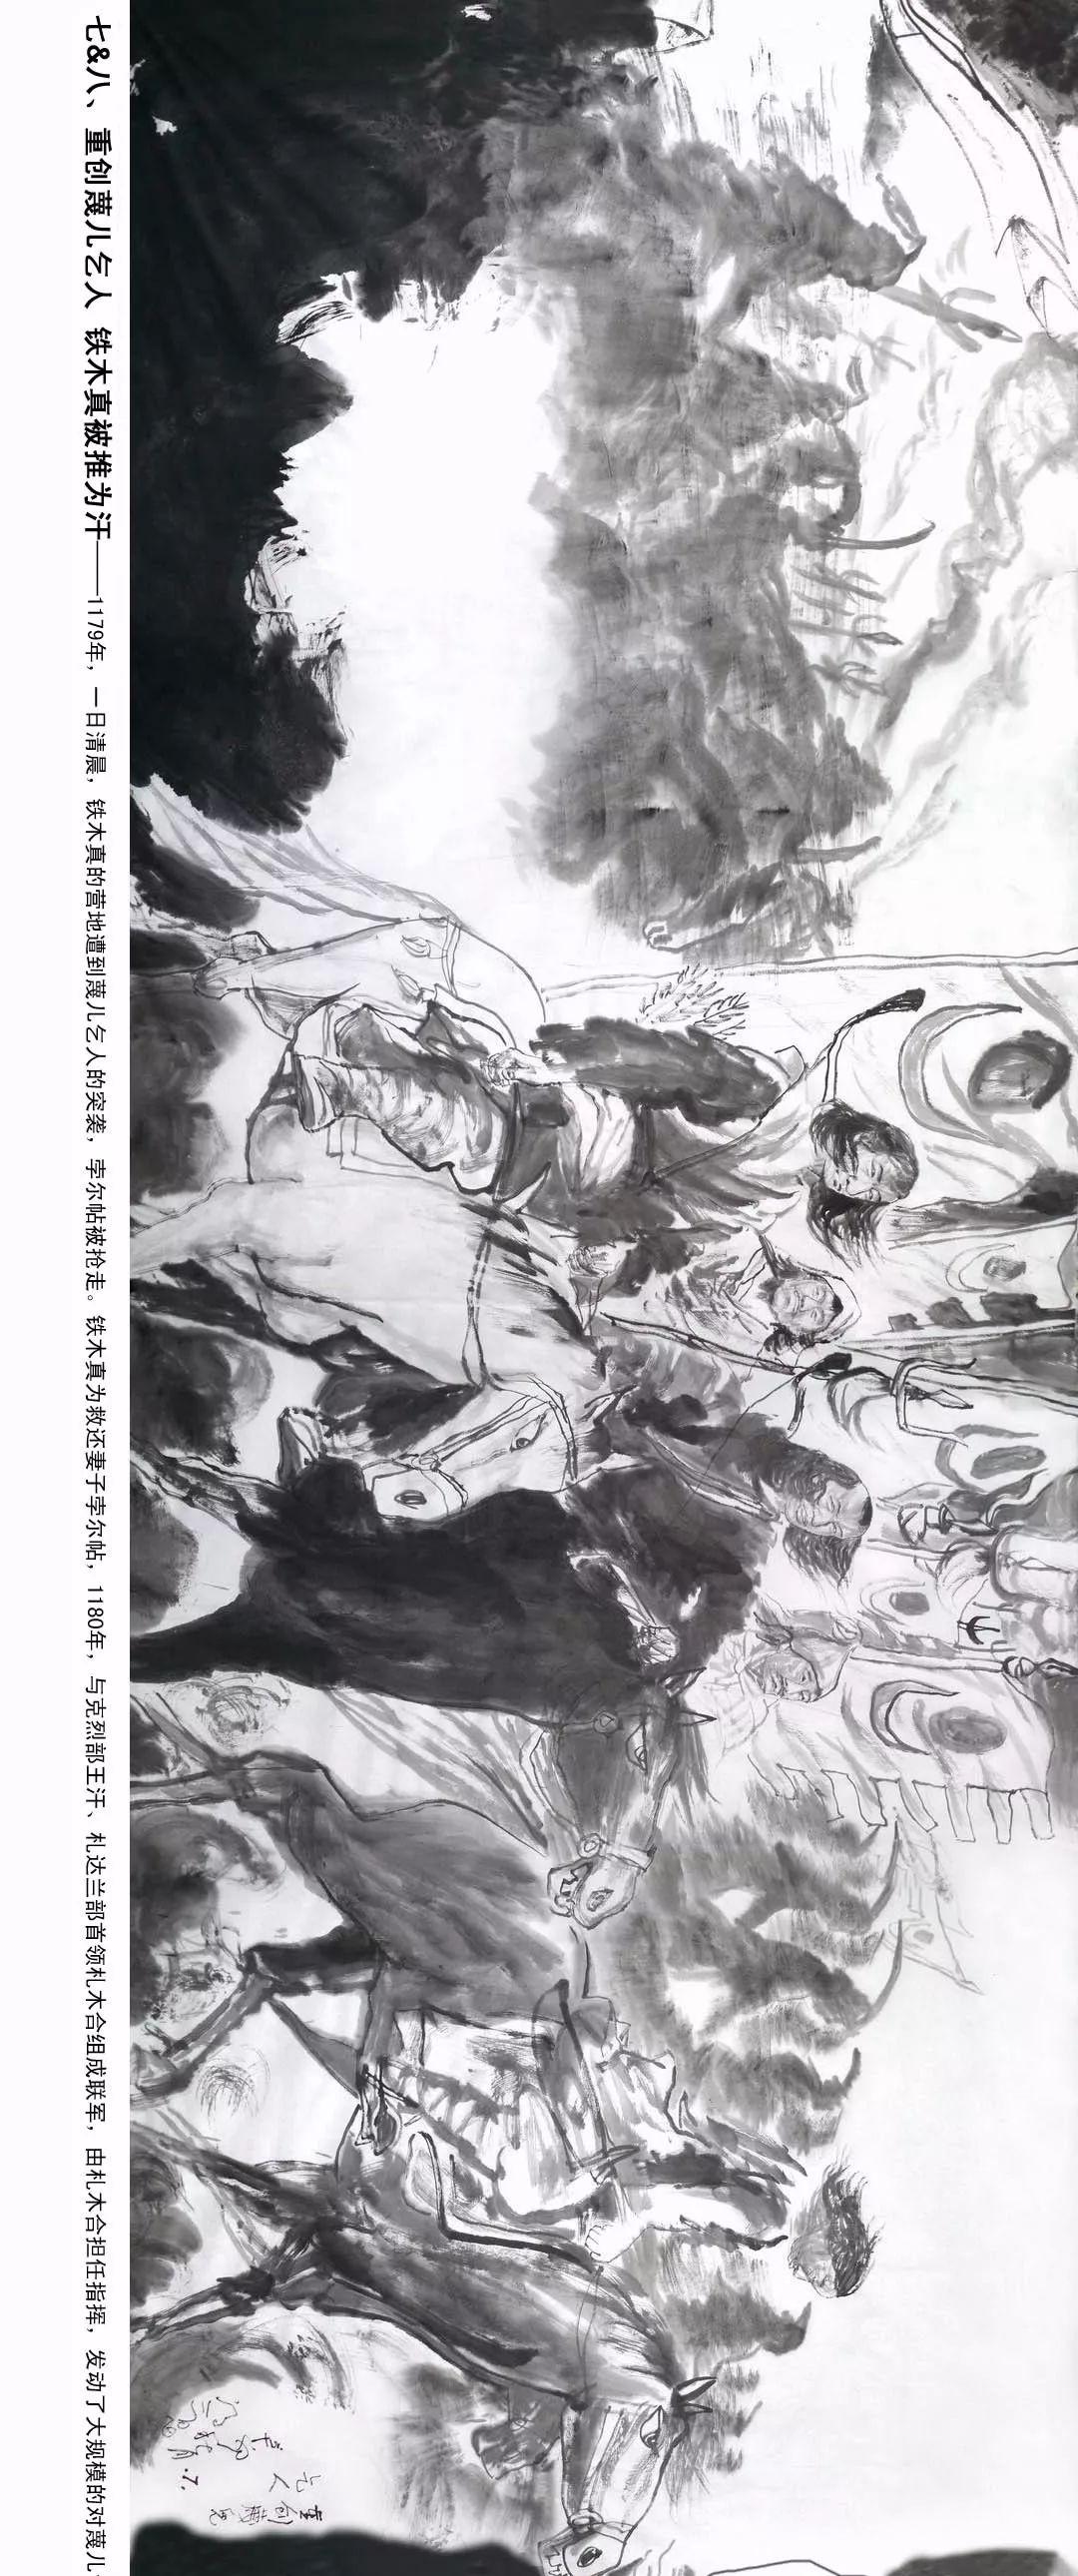 【经典】《蒙古魂》国画写意,大师所创,值得收藏。 第5张